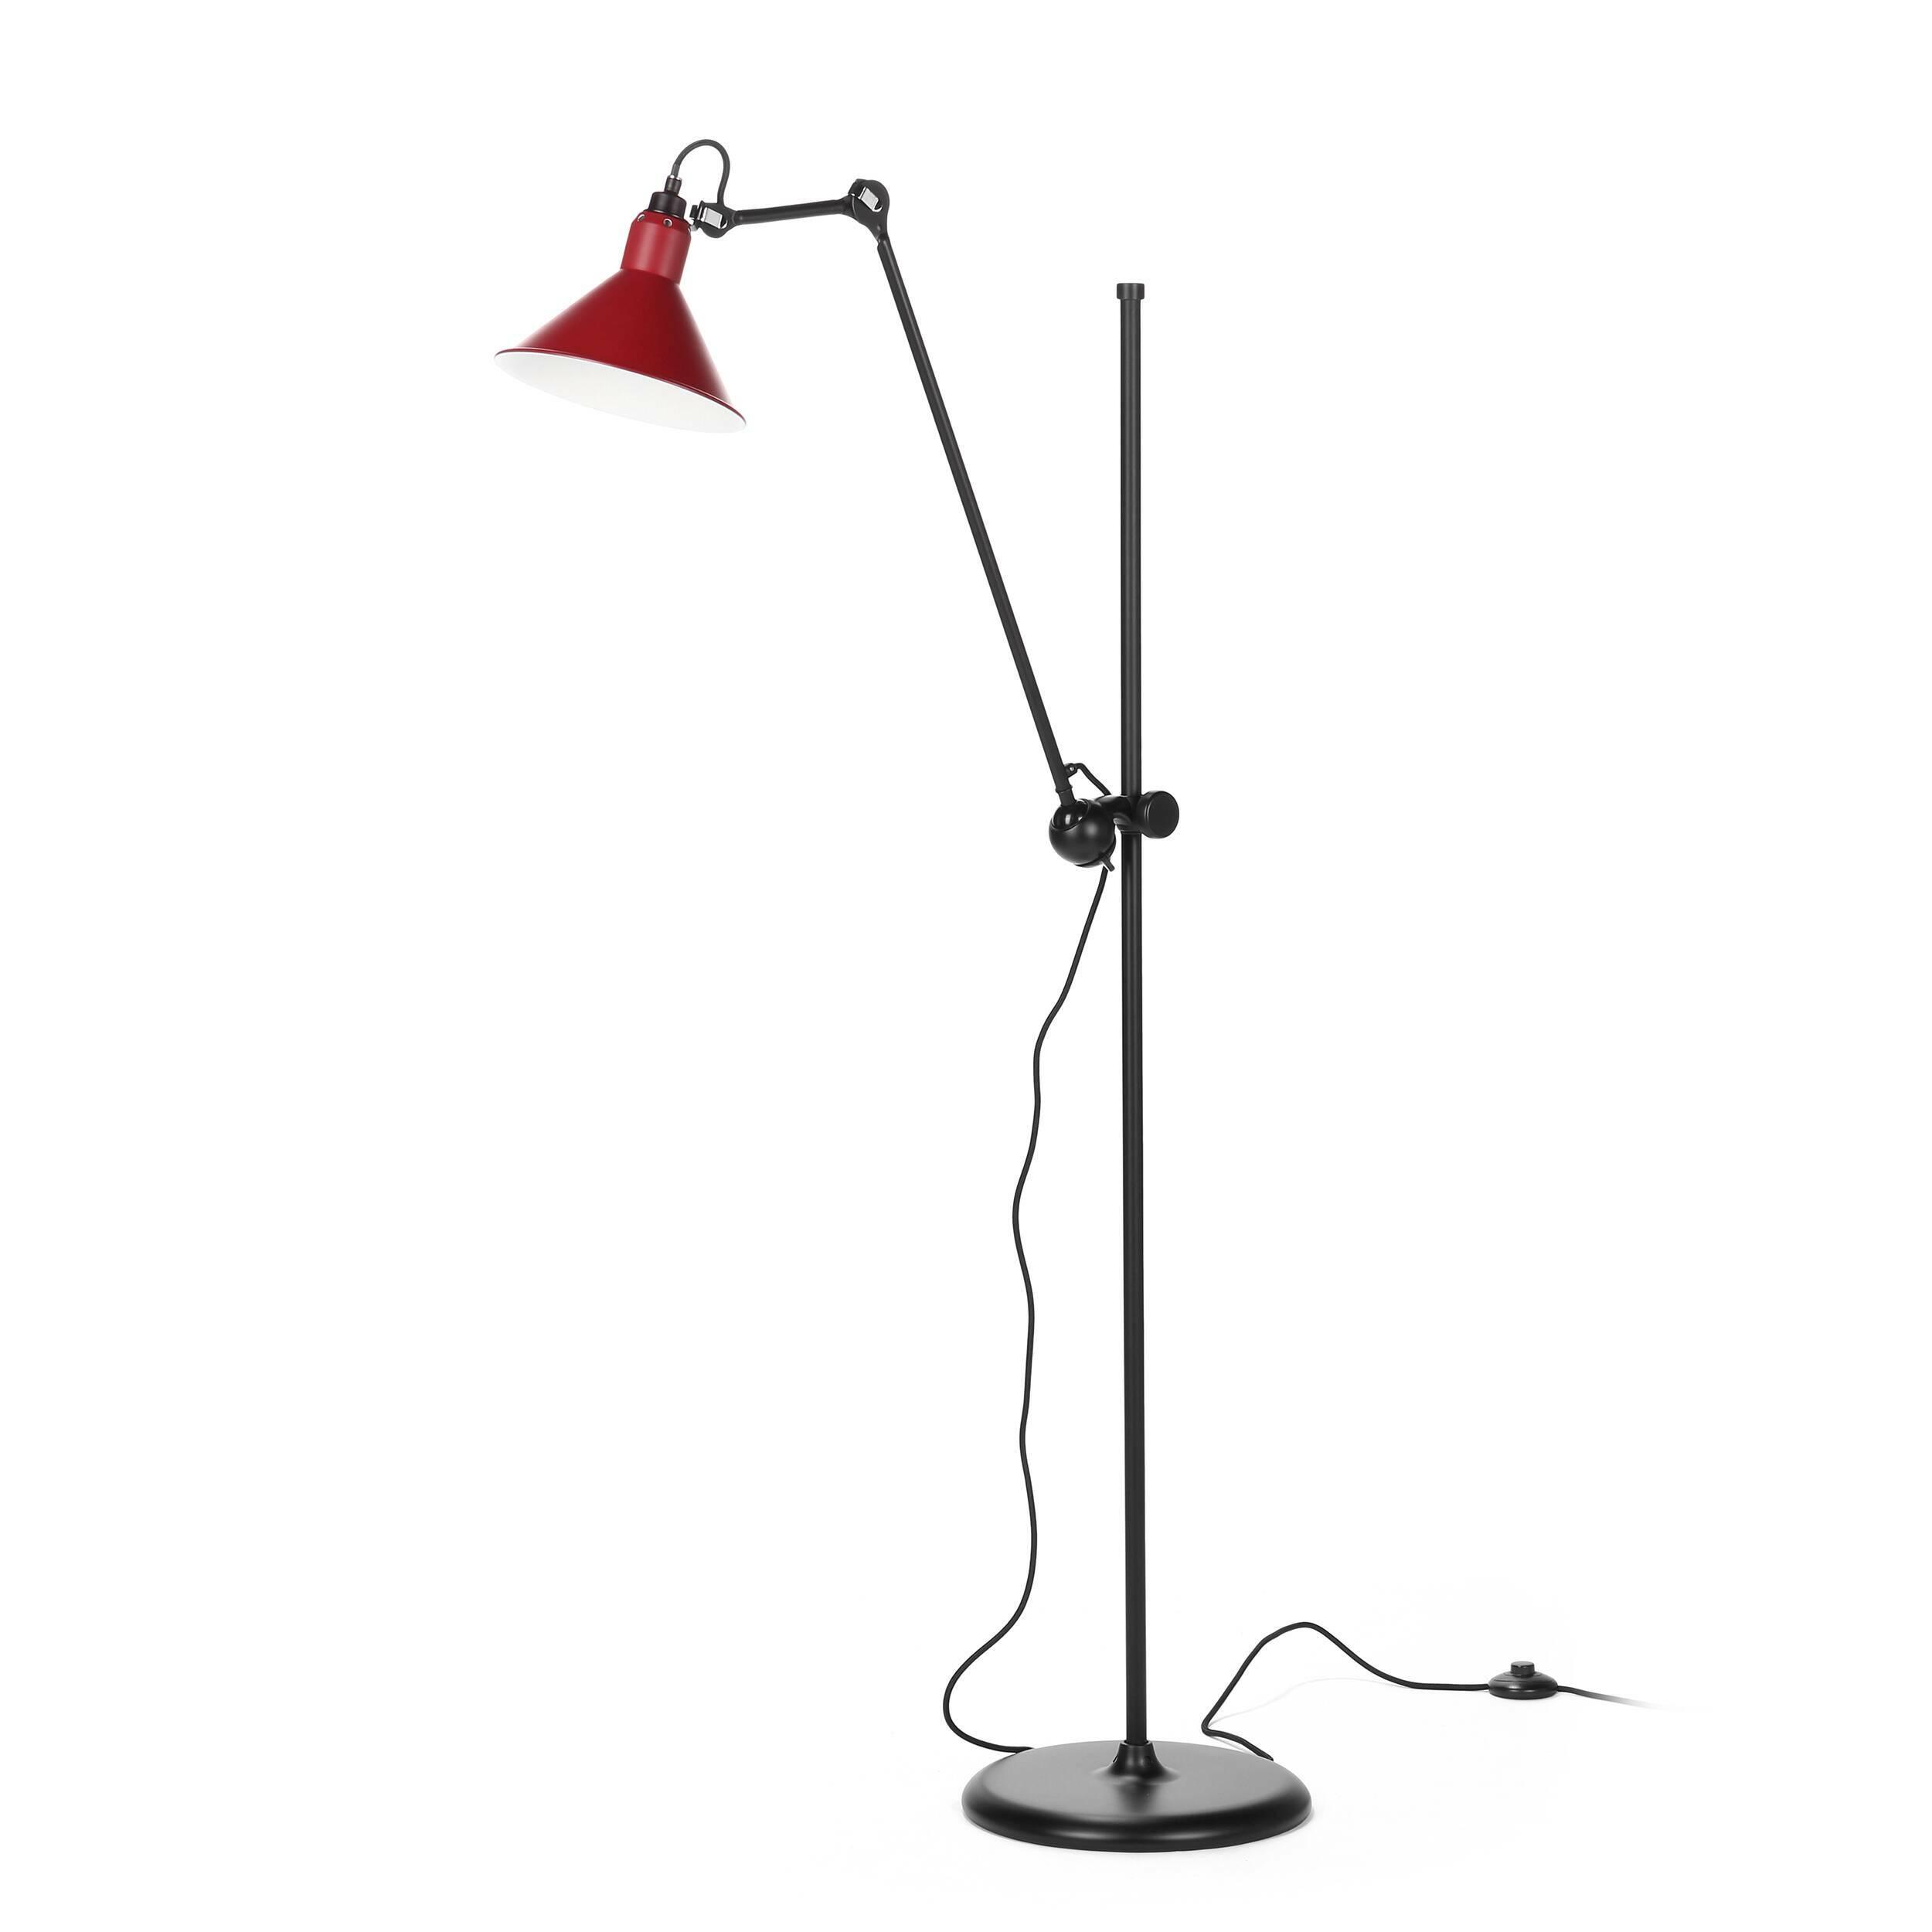 Напольный светильник Bronx торшер cosmo bernard albin gras style 35457